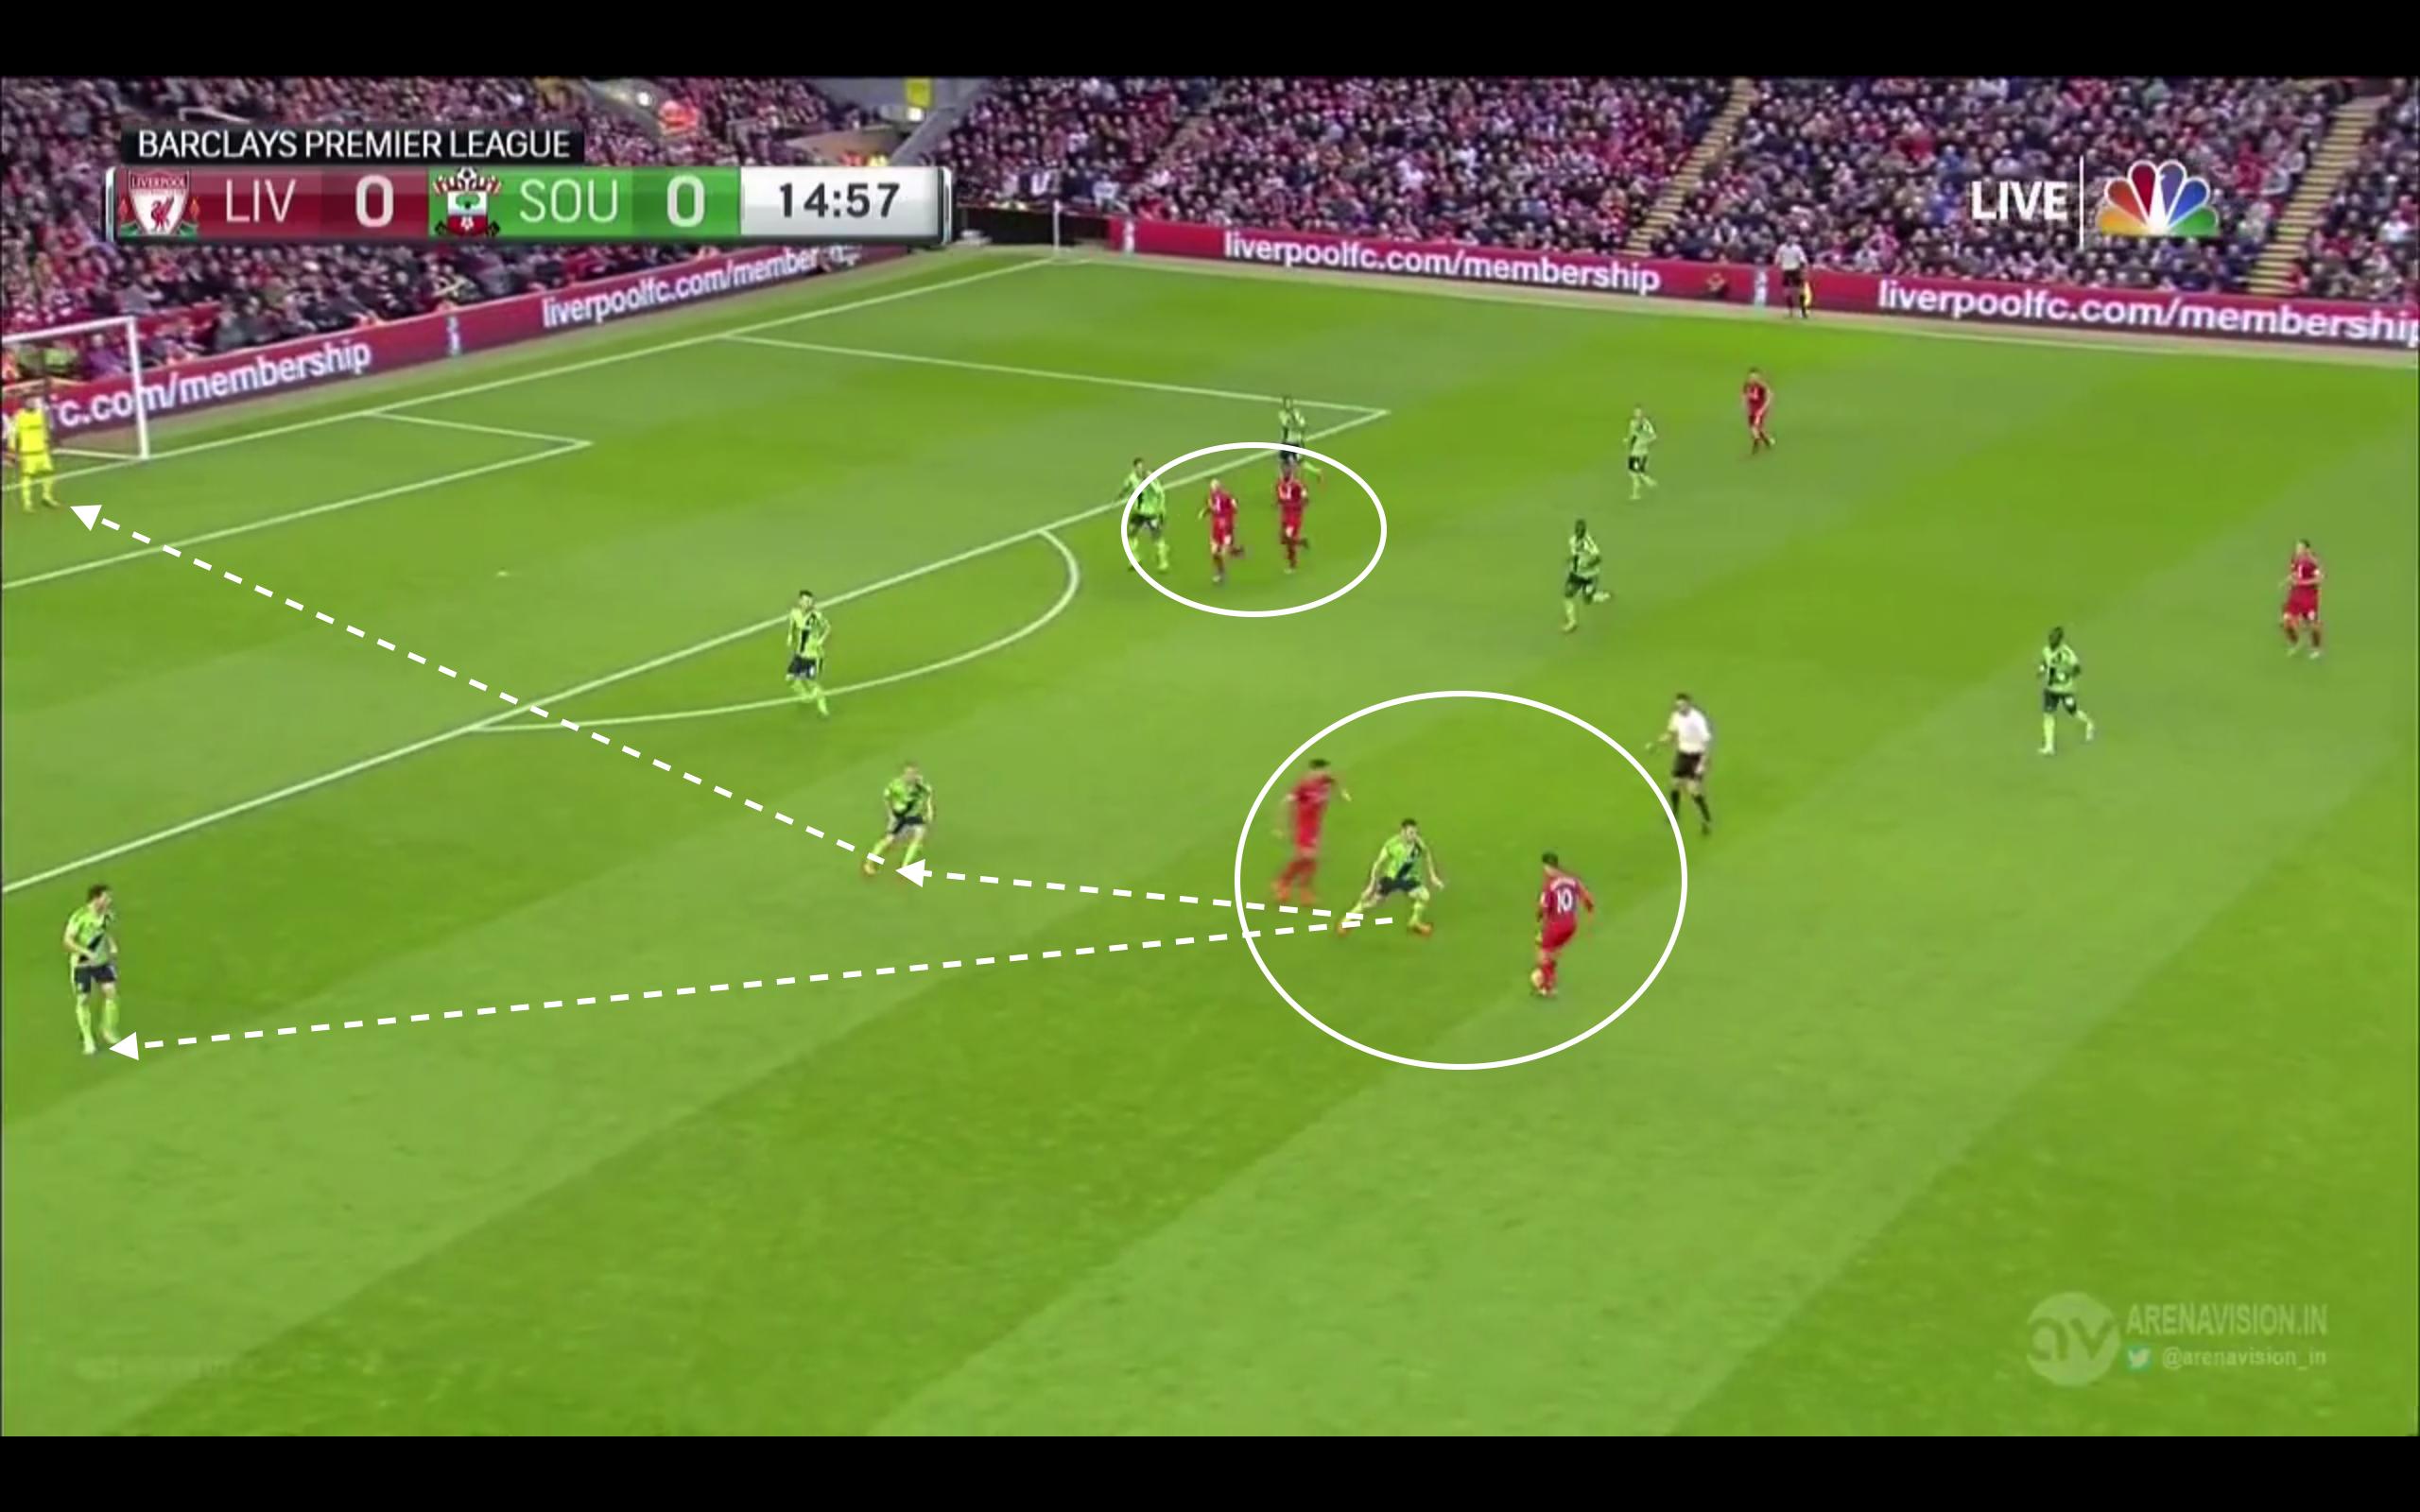 Man sieht gut, wie schlecht die ballnahe Staffelung ist. In der Szene verliert Coutinho den Ball und es kann nicht direkt gepresst werden. Southampton kann die Situation über mehrere freie Spieler auflösen.